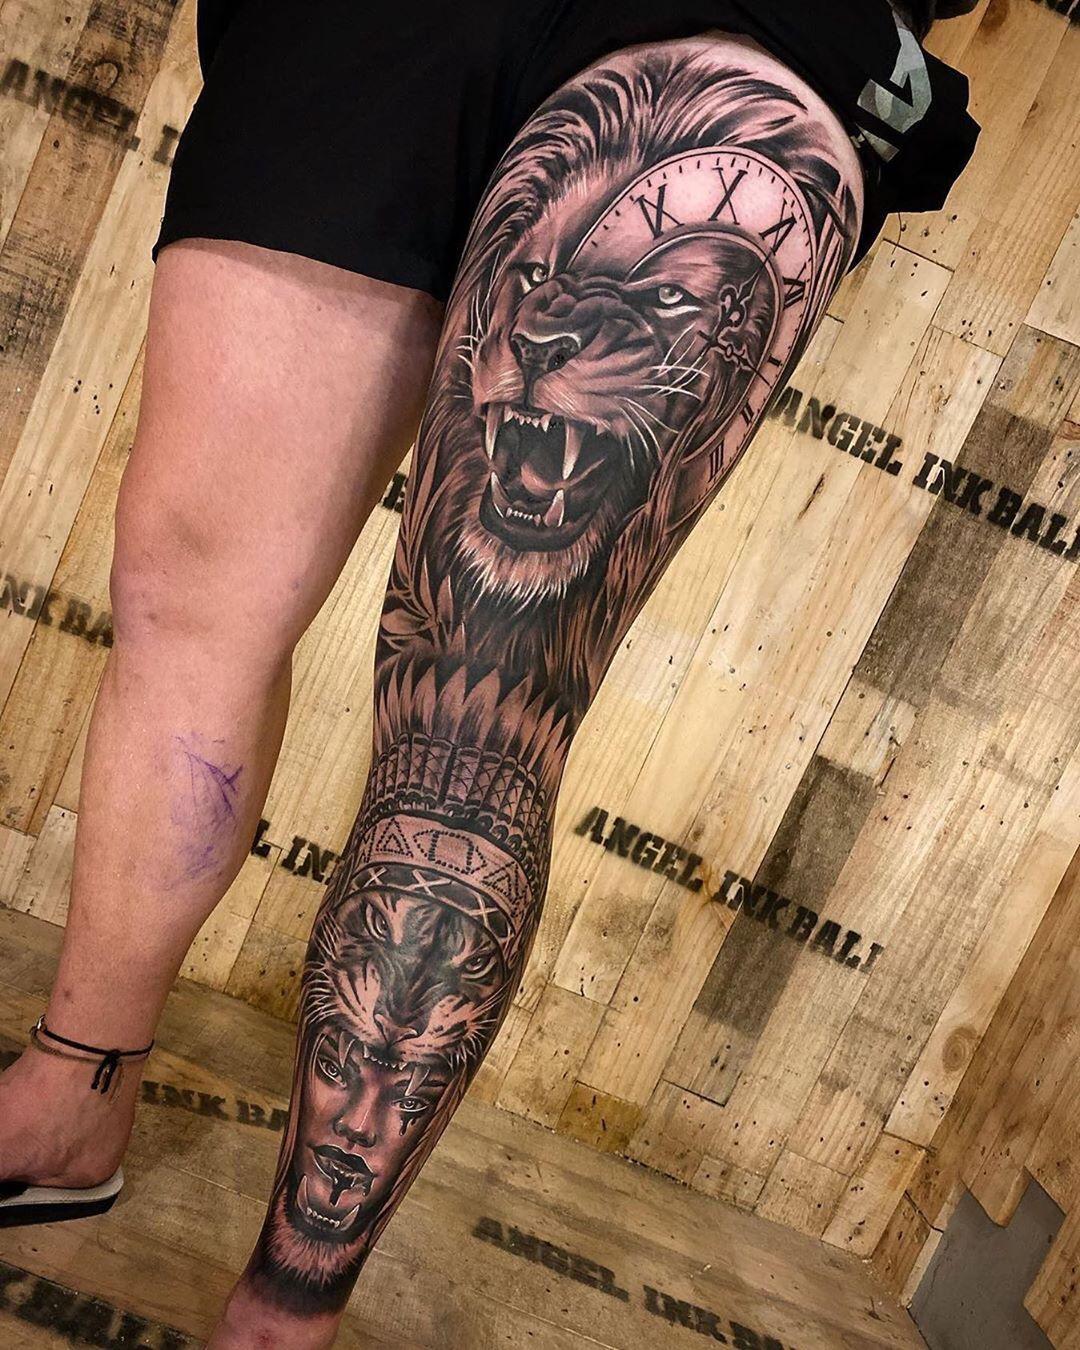 татуювання лева на нозі